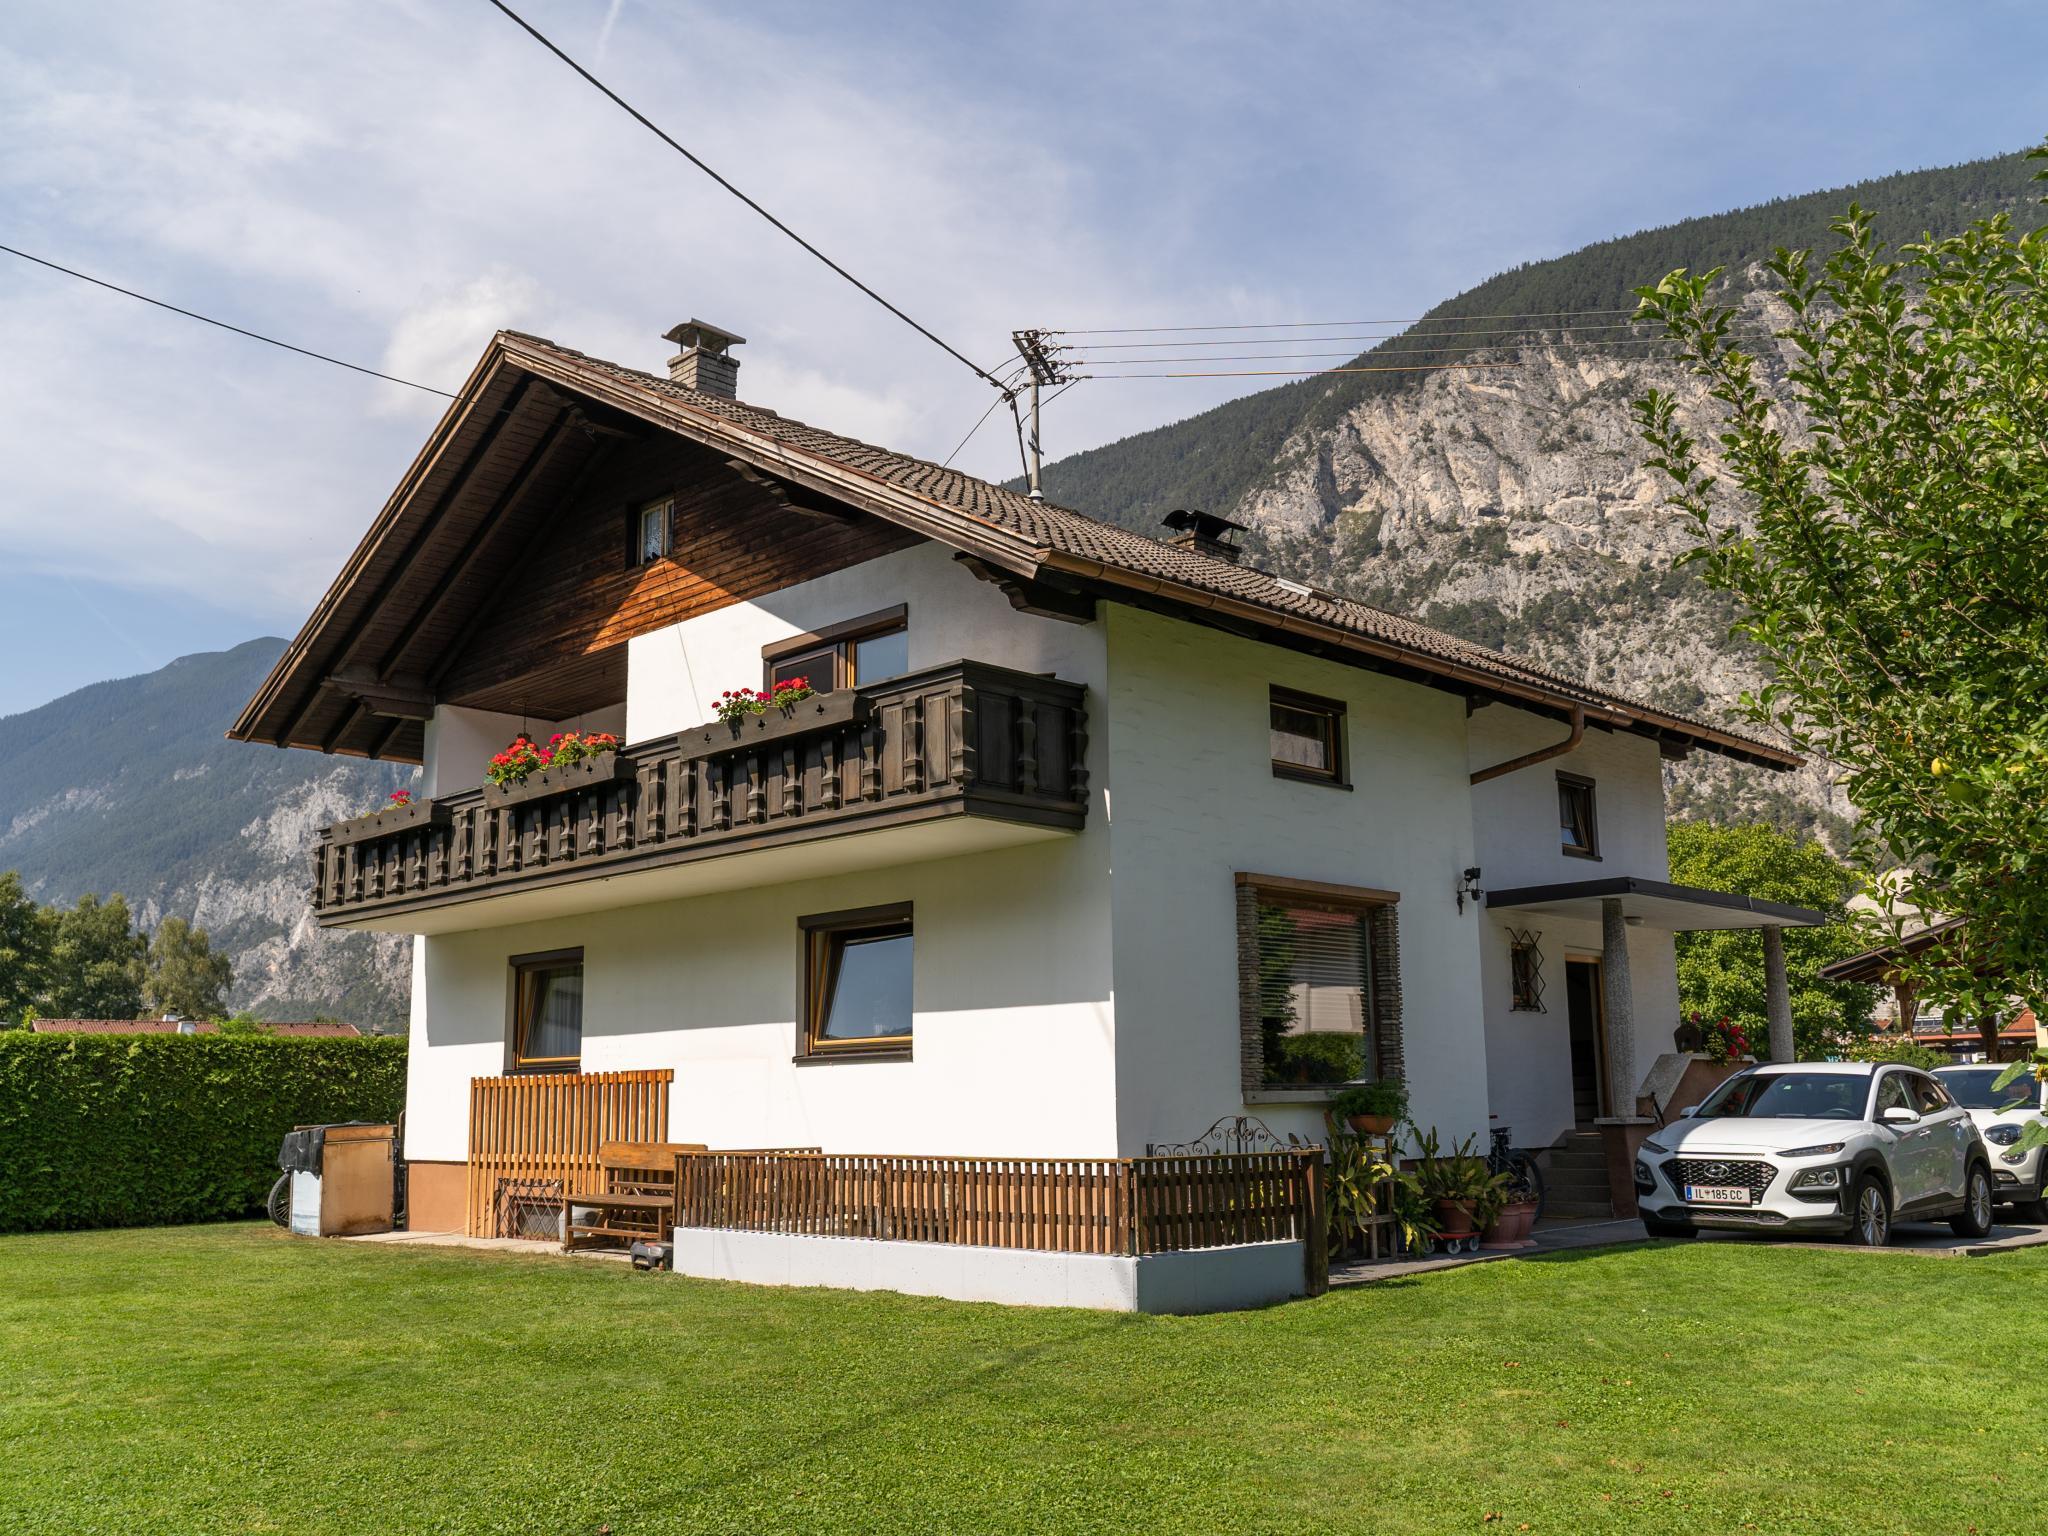 Haus Wammes Tirol